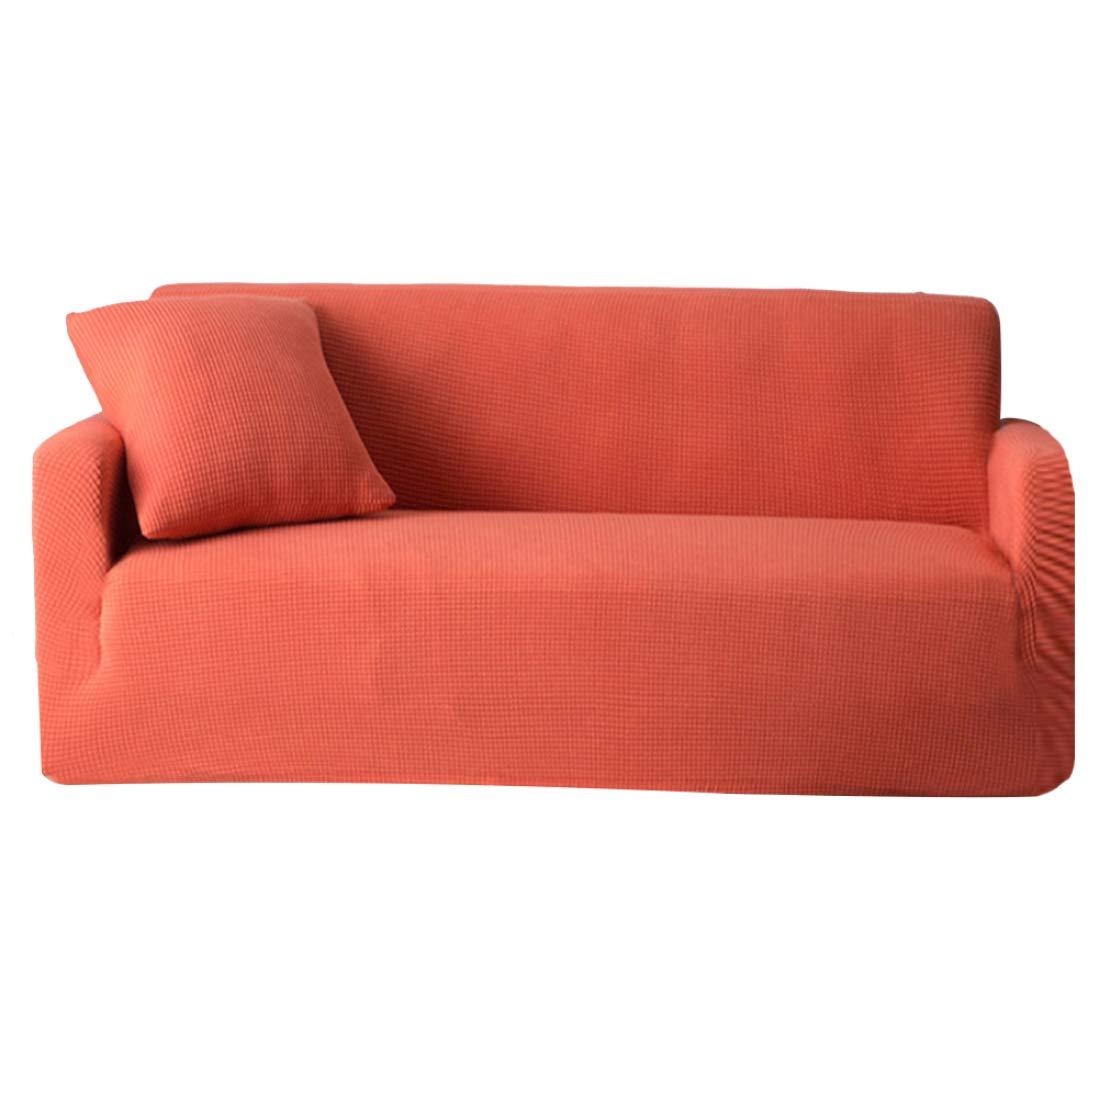 Les prot/ège-fauteuil et canap/é matelass/és antiglisse 1 - Rouge Charmance